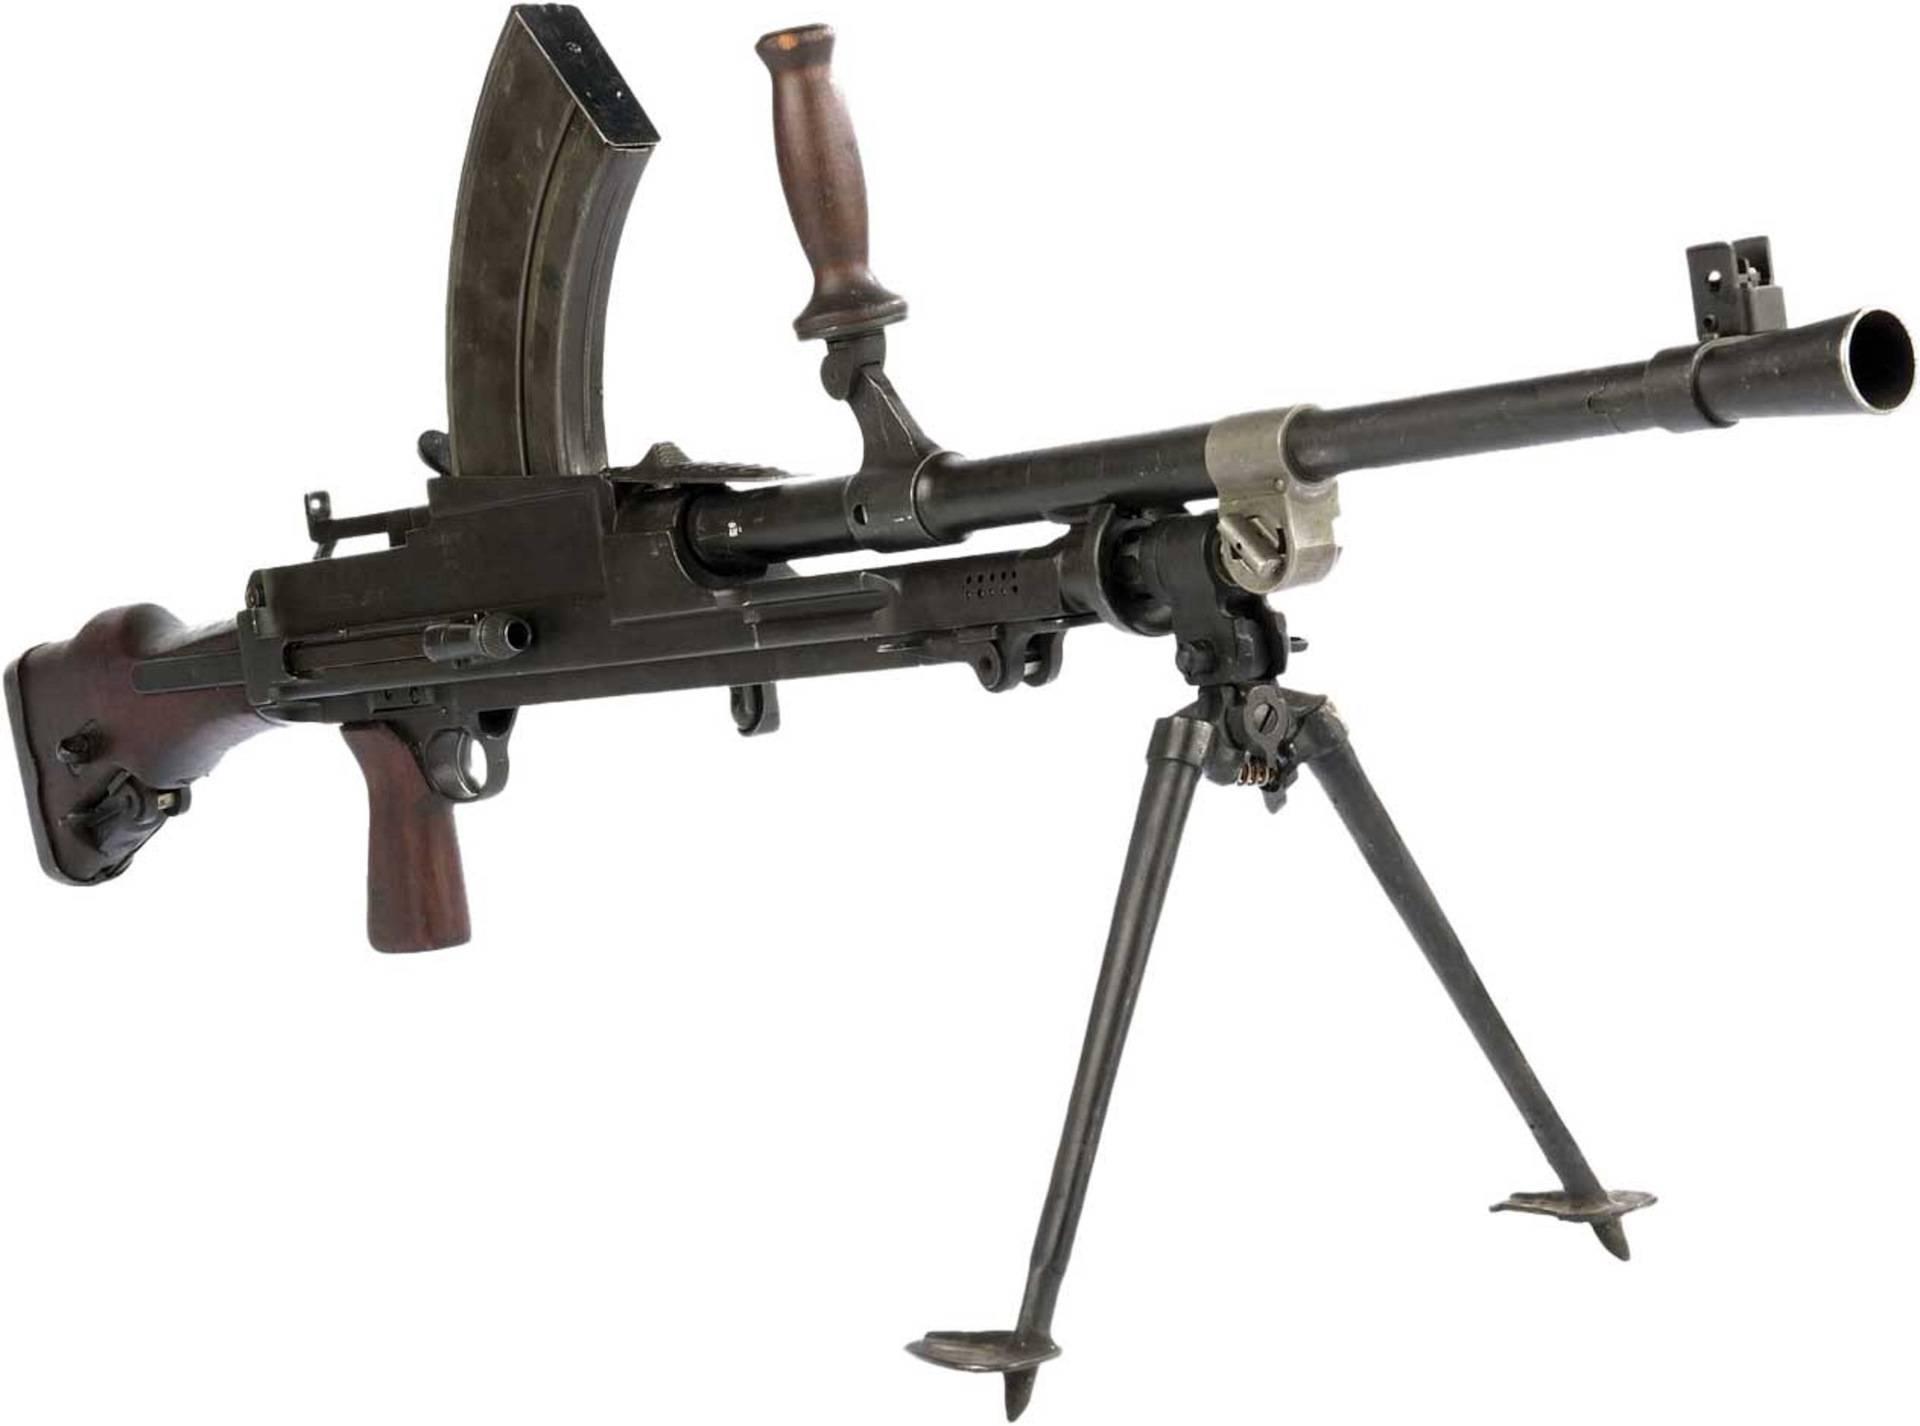 Брен пулемет - bren light machine gun - qwe.wiki